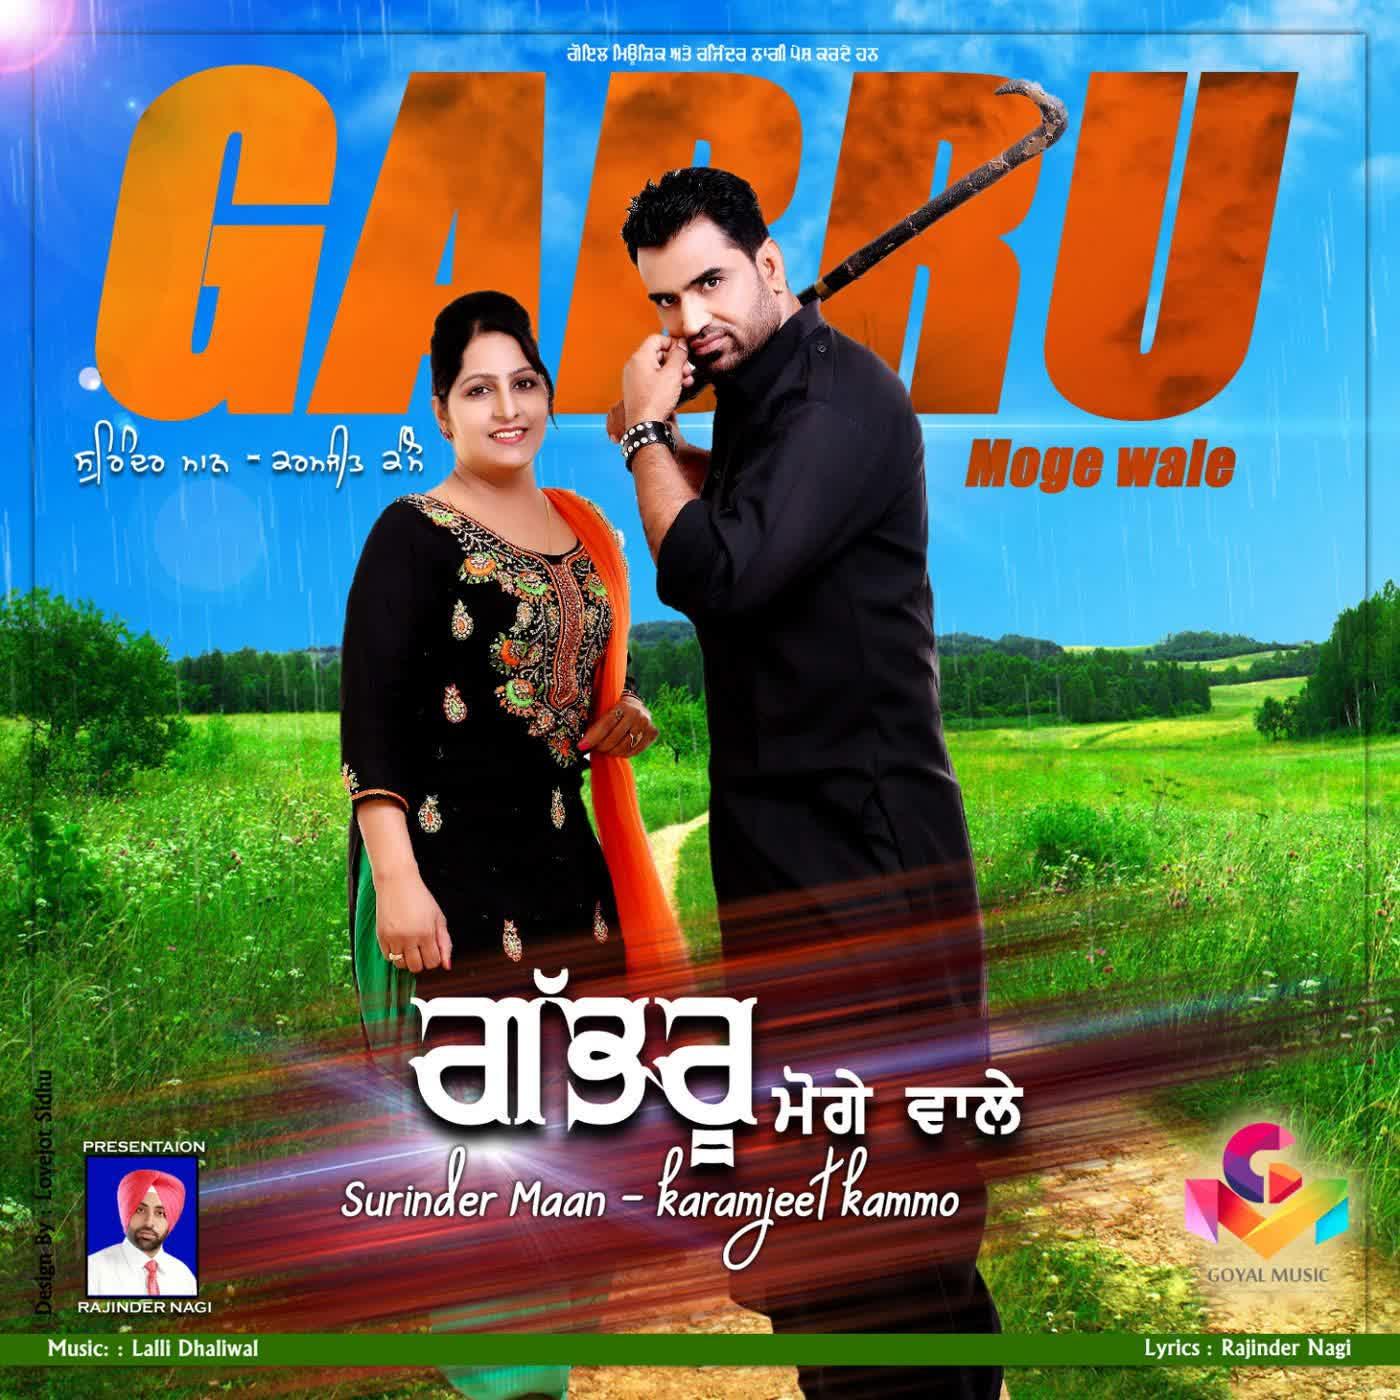 Gabru Moge Wale Surinder Maan Mp3 Song